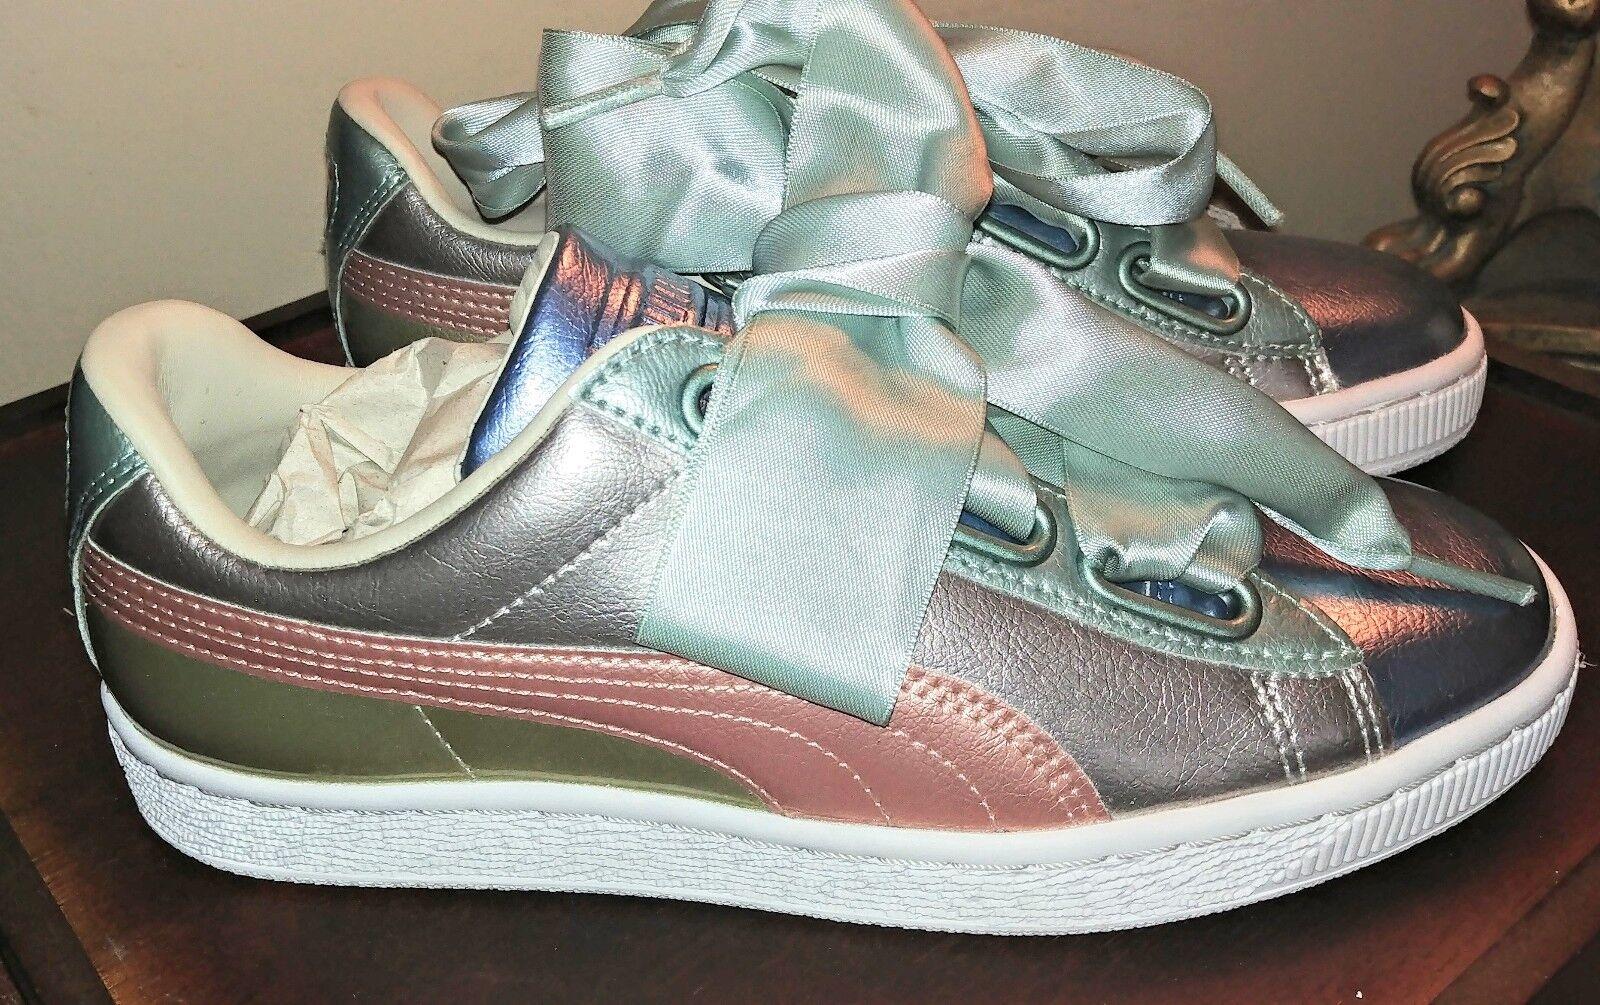 Ven a elegir tu propio estilo deportivo. Puma Cesta corazón Bauble Mujer Zapatillas Con Cordones Metálico Plata Plata Plata 364809 01 U33  garantía de crédito